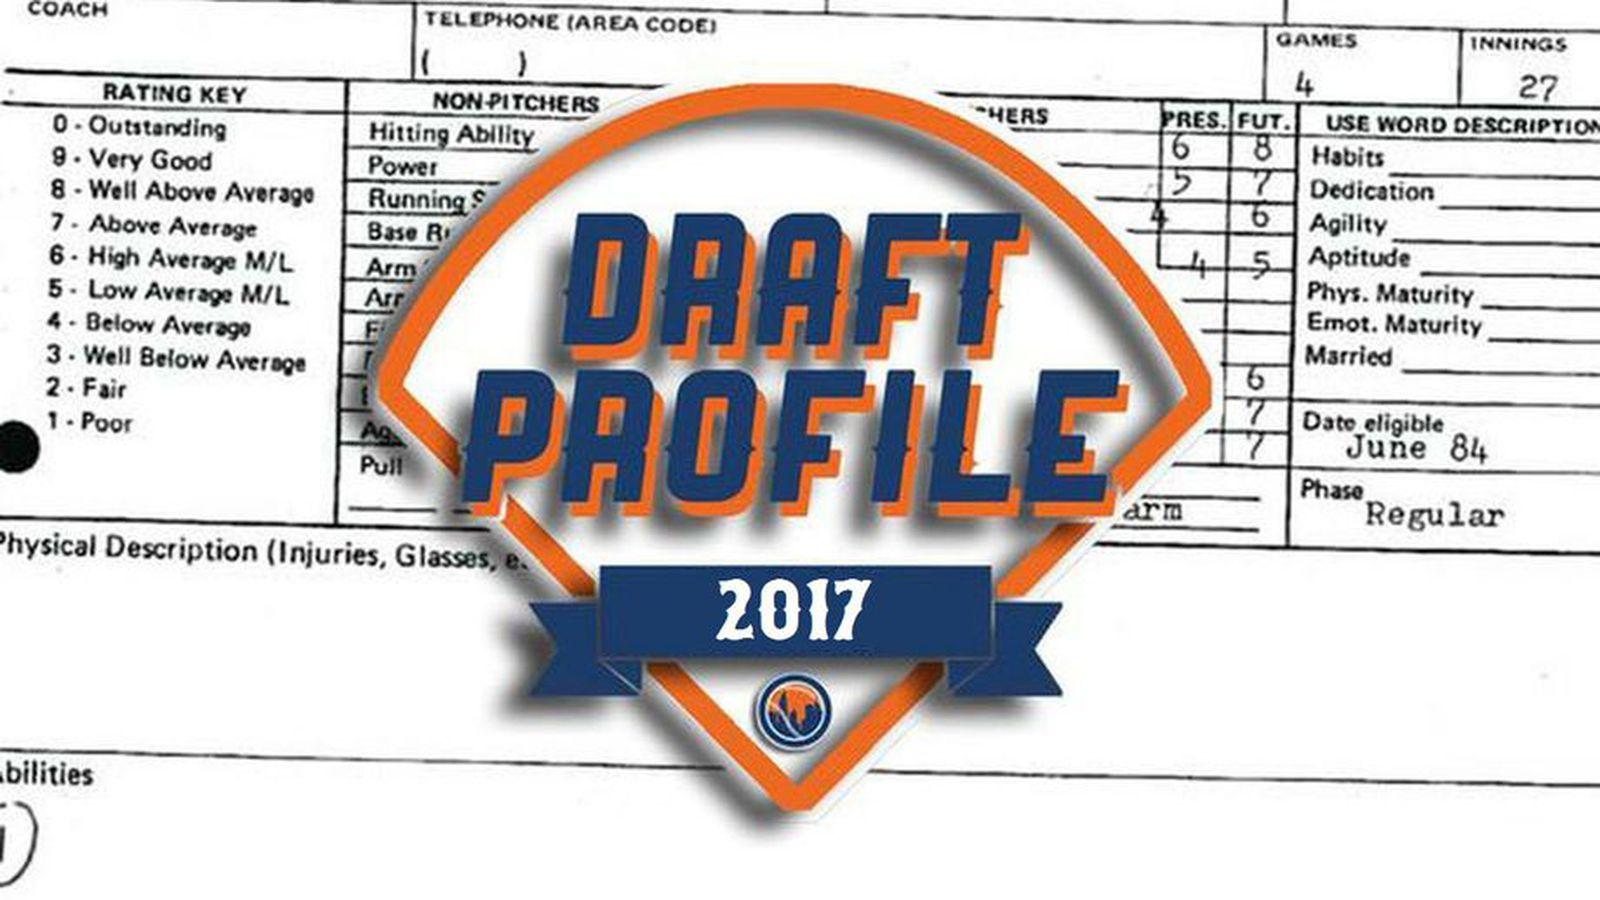 Aa_draft_2017.0.0